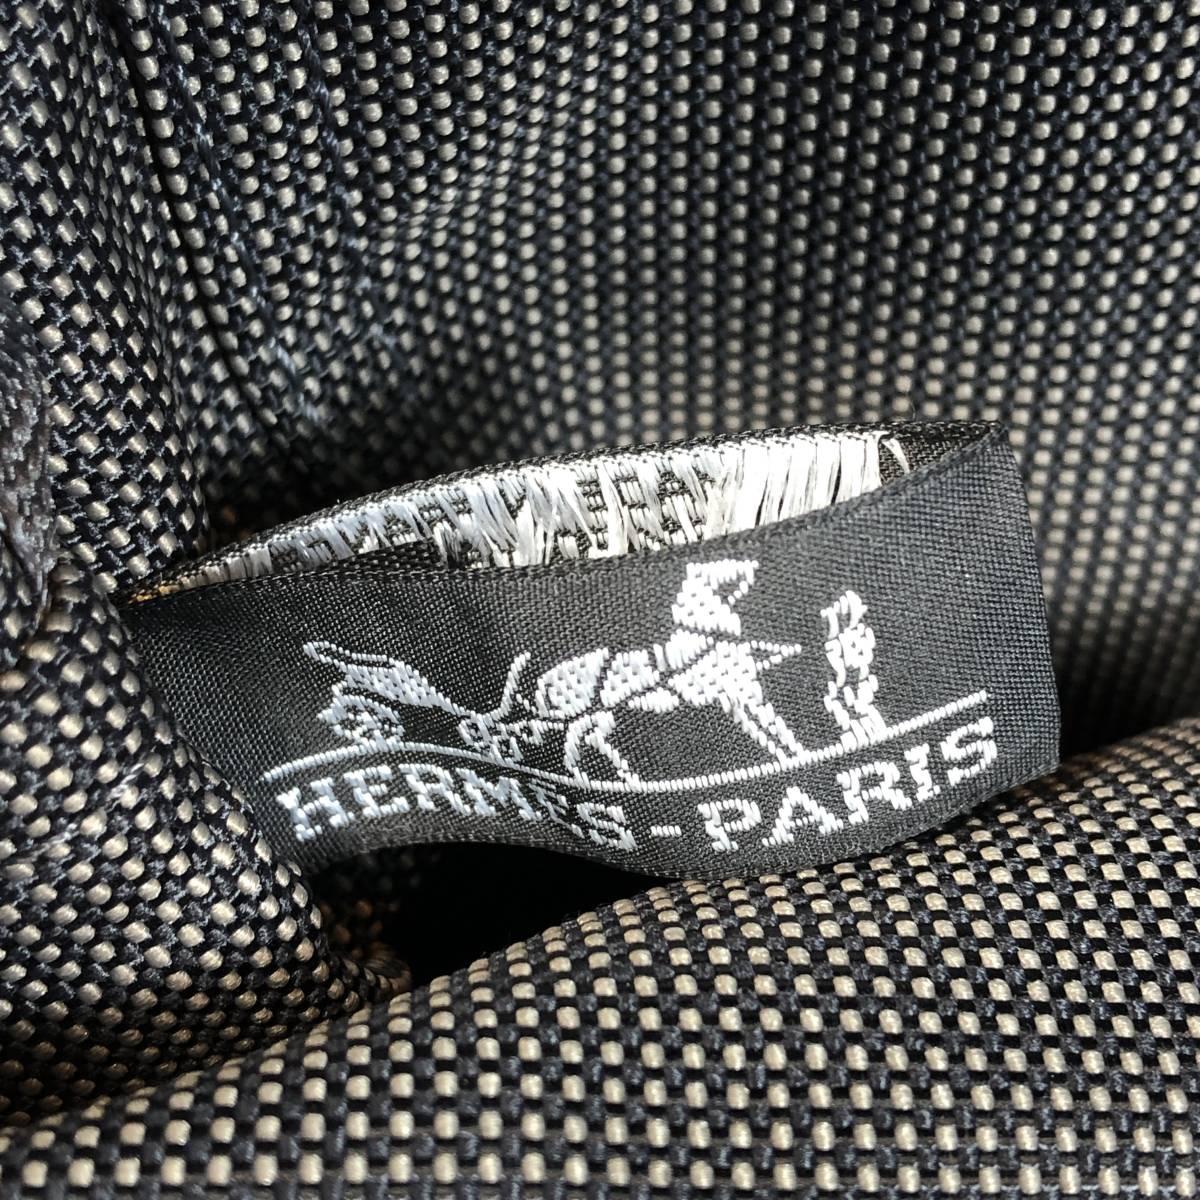 ▼HERMES エルメス エールラインPM キャンバス ハンドバッグ トートバッグ レディース メンズ グレー系_画像7